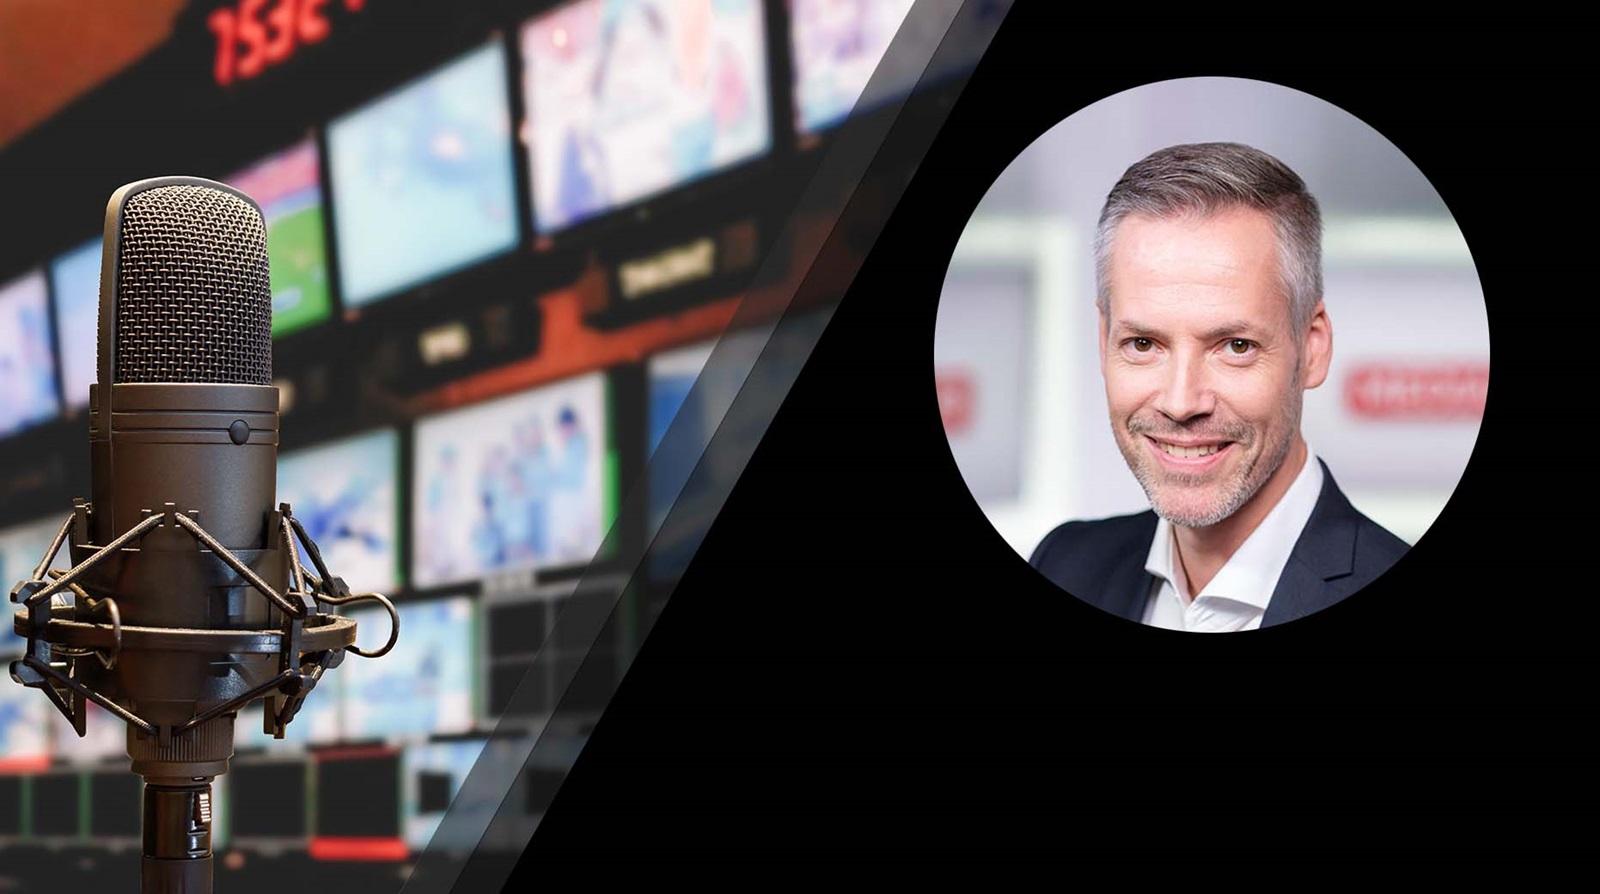 Ilkka Ahtiainen on the Making the Media podcast